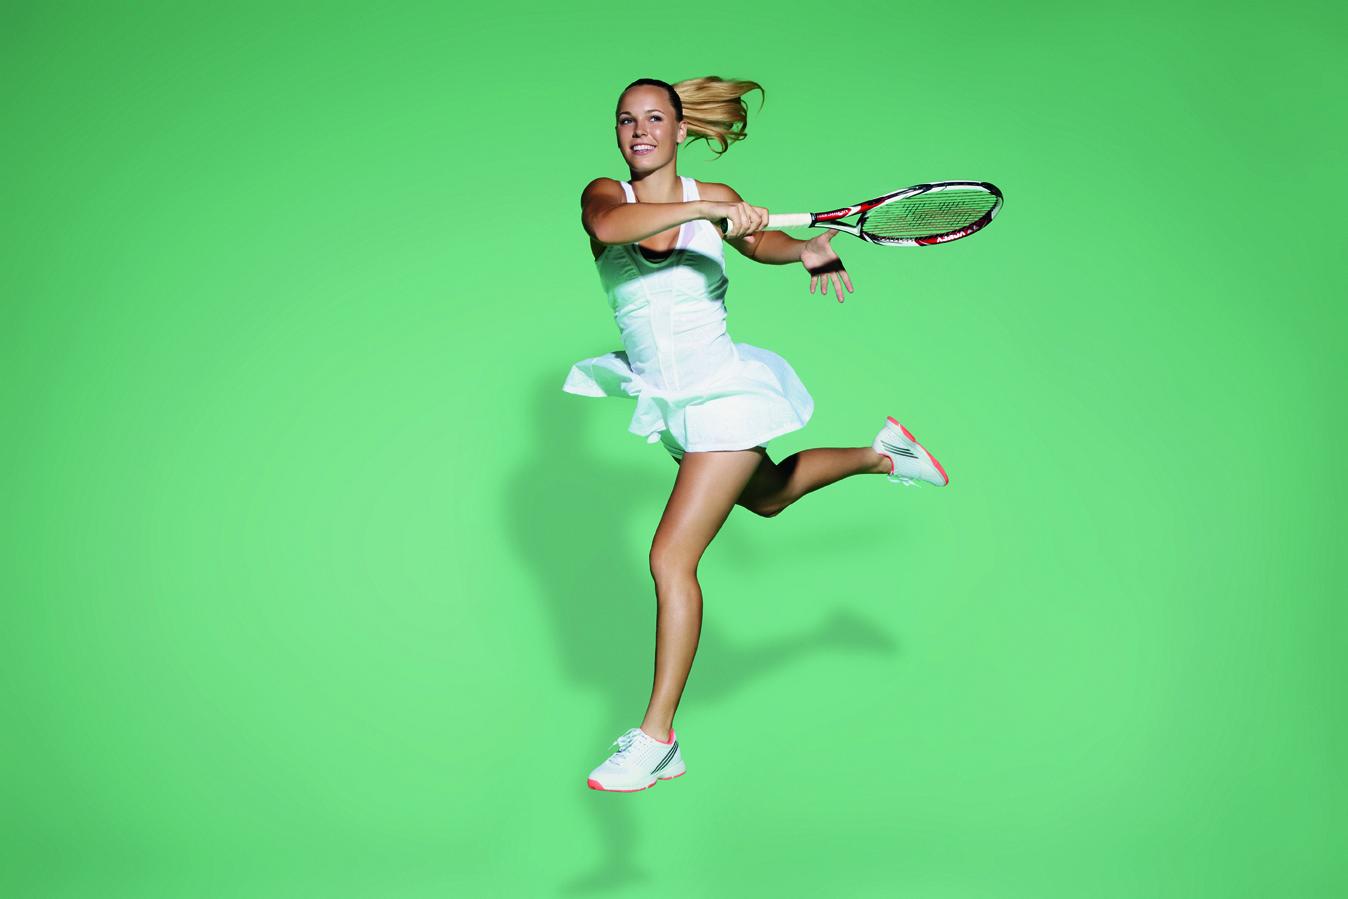 Платье для тенниса купить 8